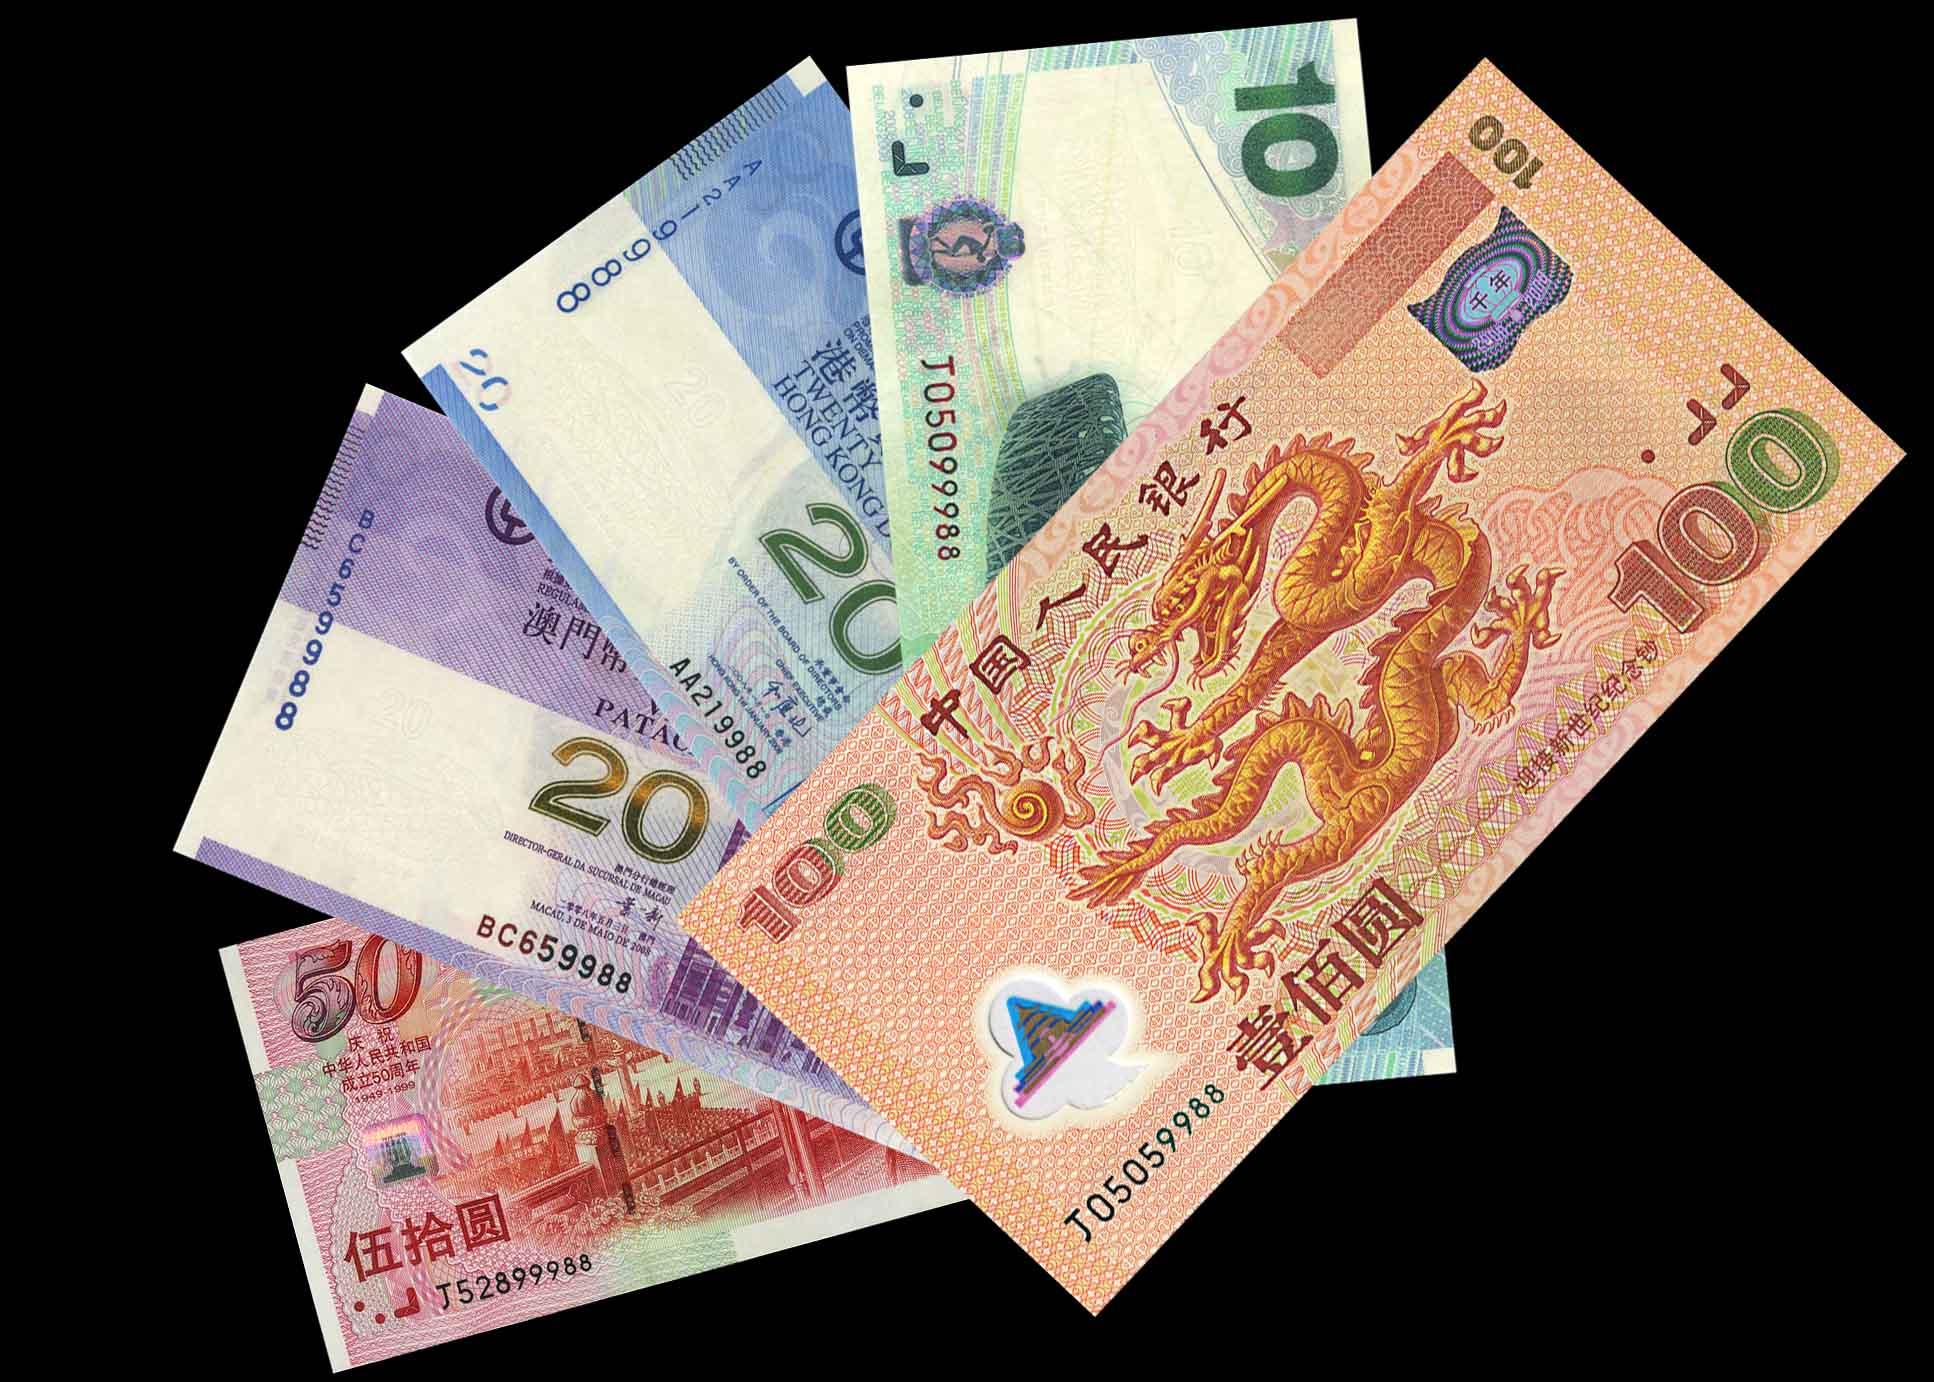 天津收购钱币天津收购奥运钞天津收购龙钞天津收购建国钞